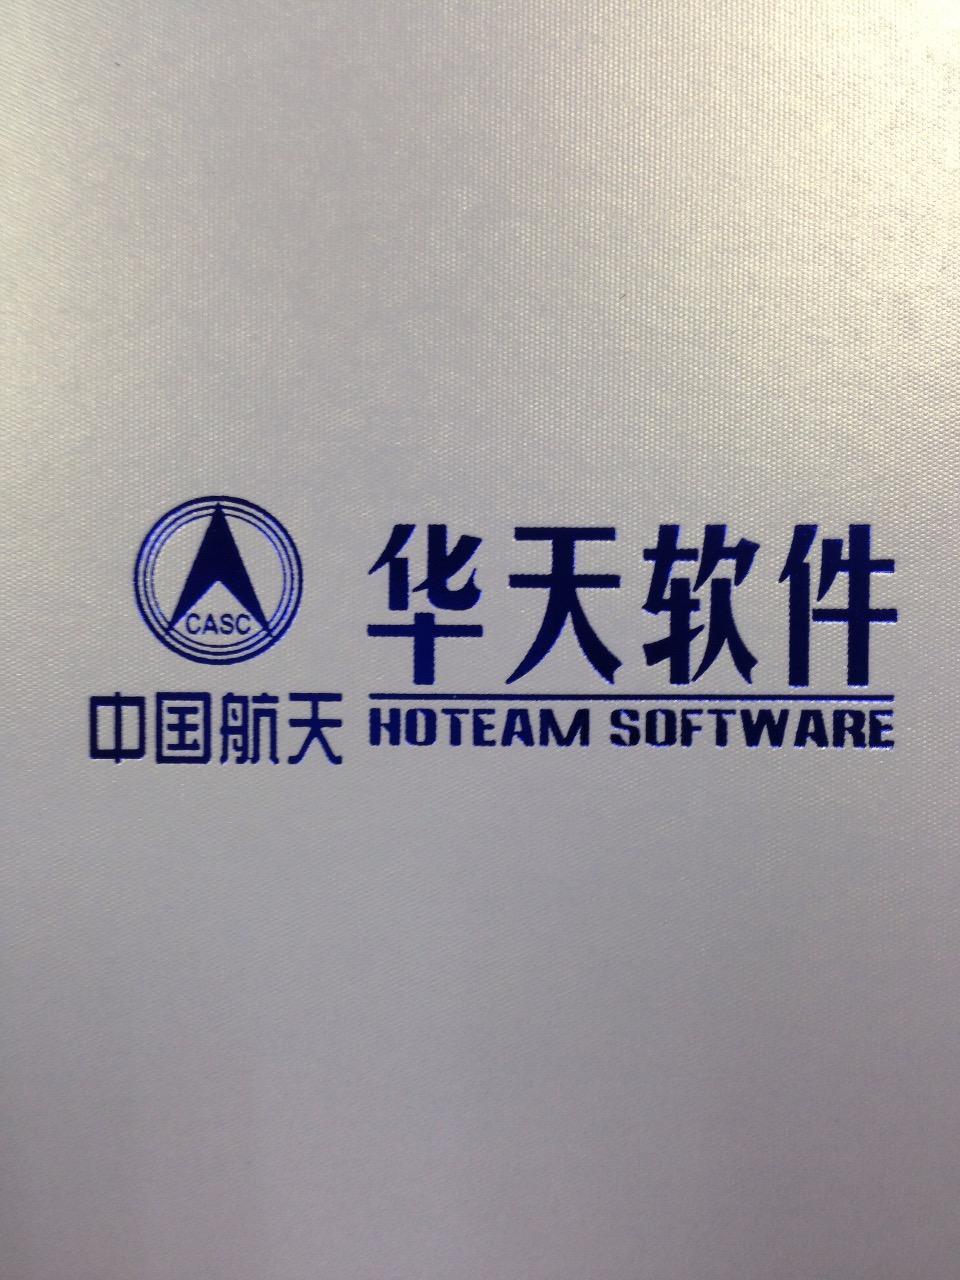 山东山大华天软件有限公司